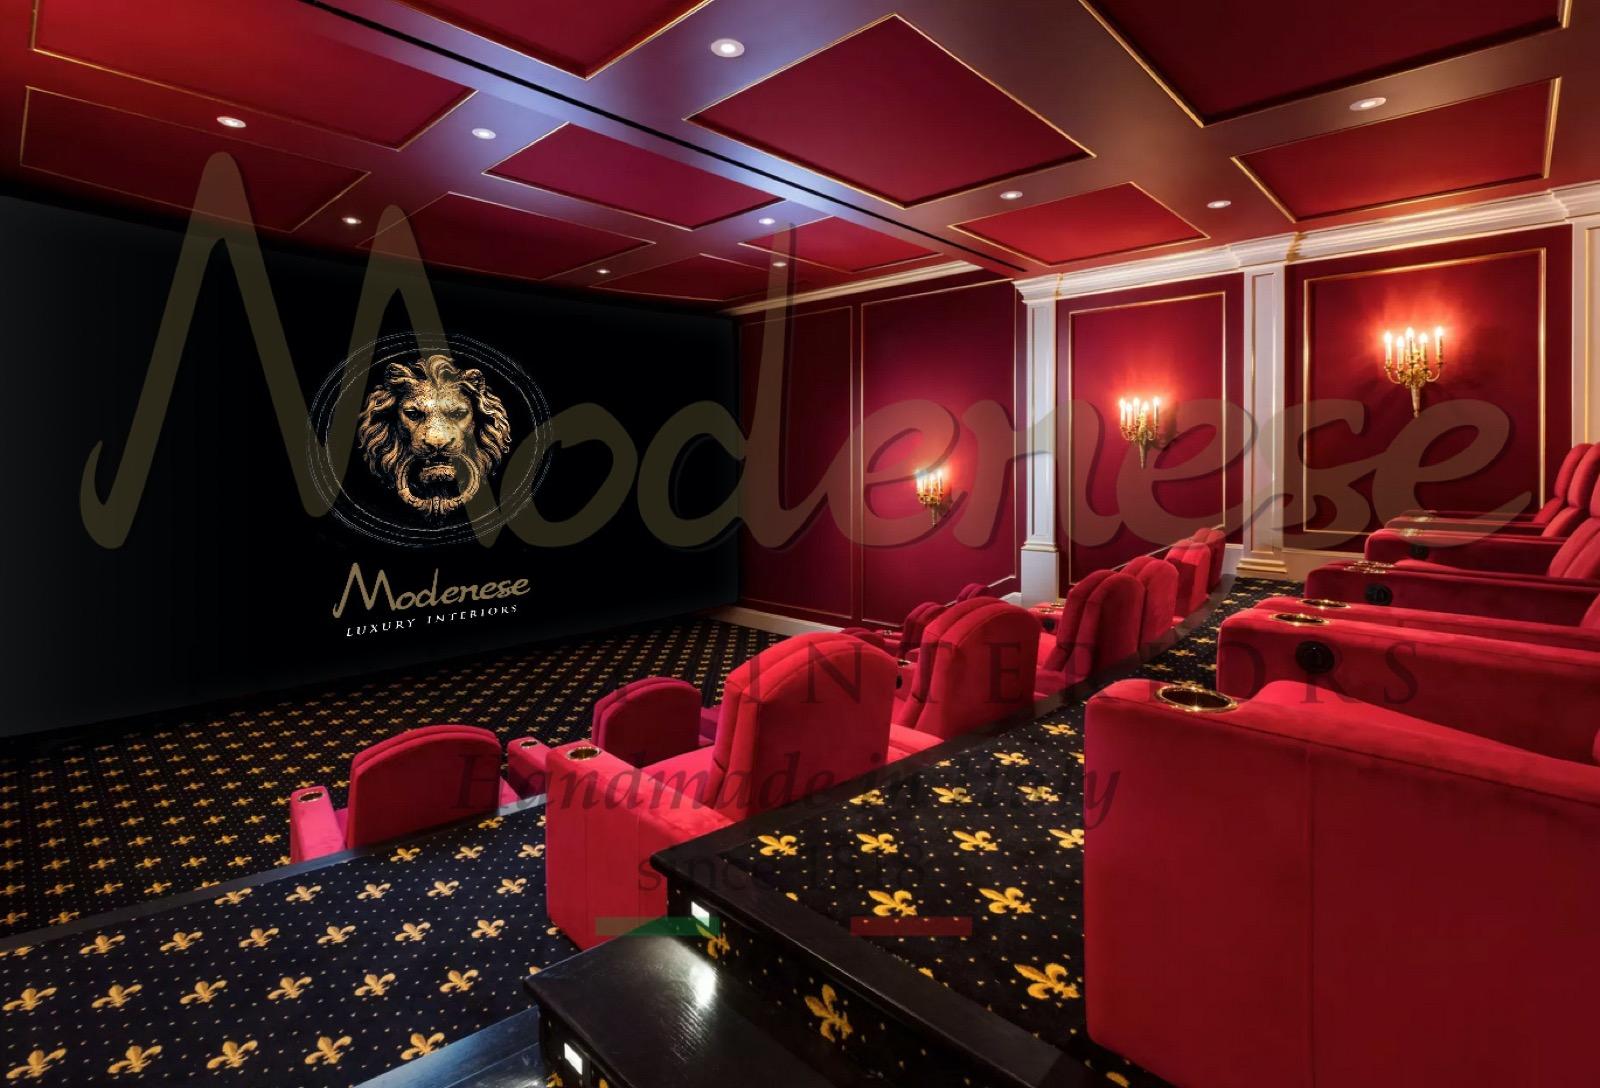 дизайн интерьера роскошная мебель домашний кинотеатр украшение дома развлечение диван кресло экран высококачественная мебель из осыпи материалы премиум-класса удобные панели буазери индивидуальная обивка